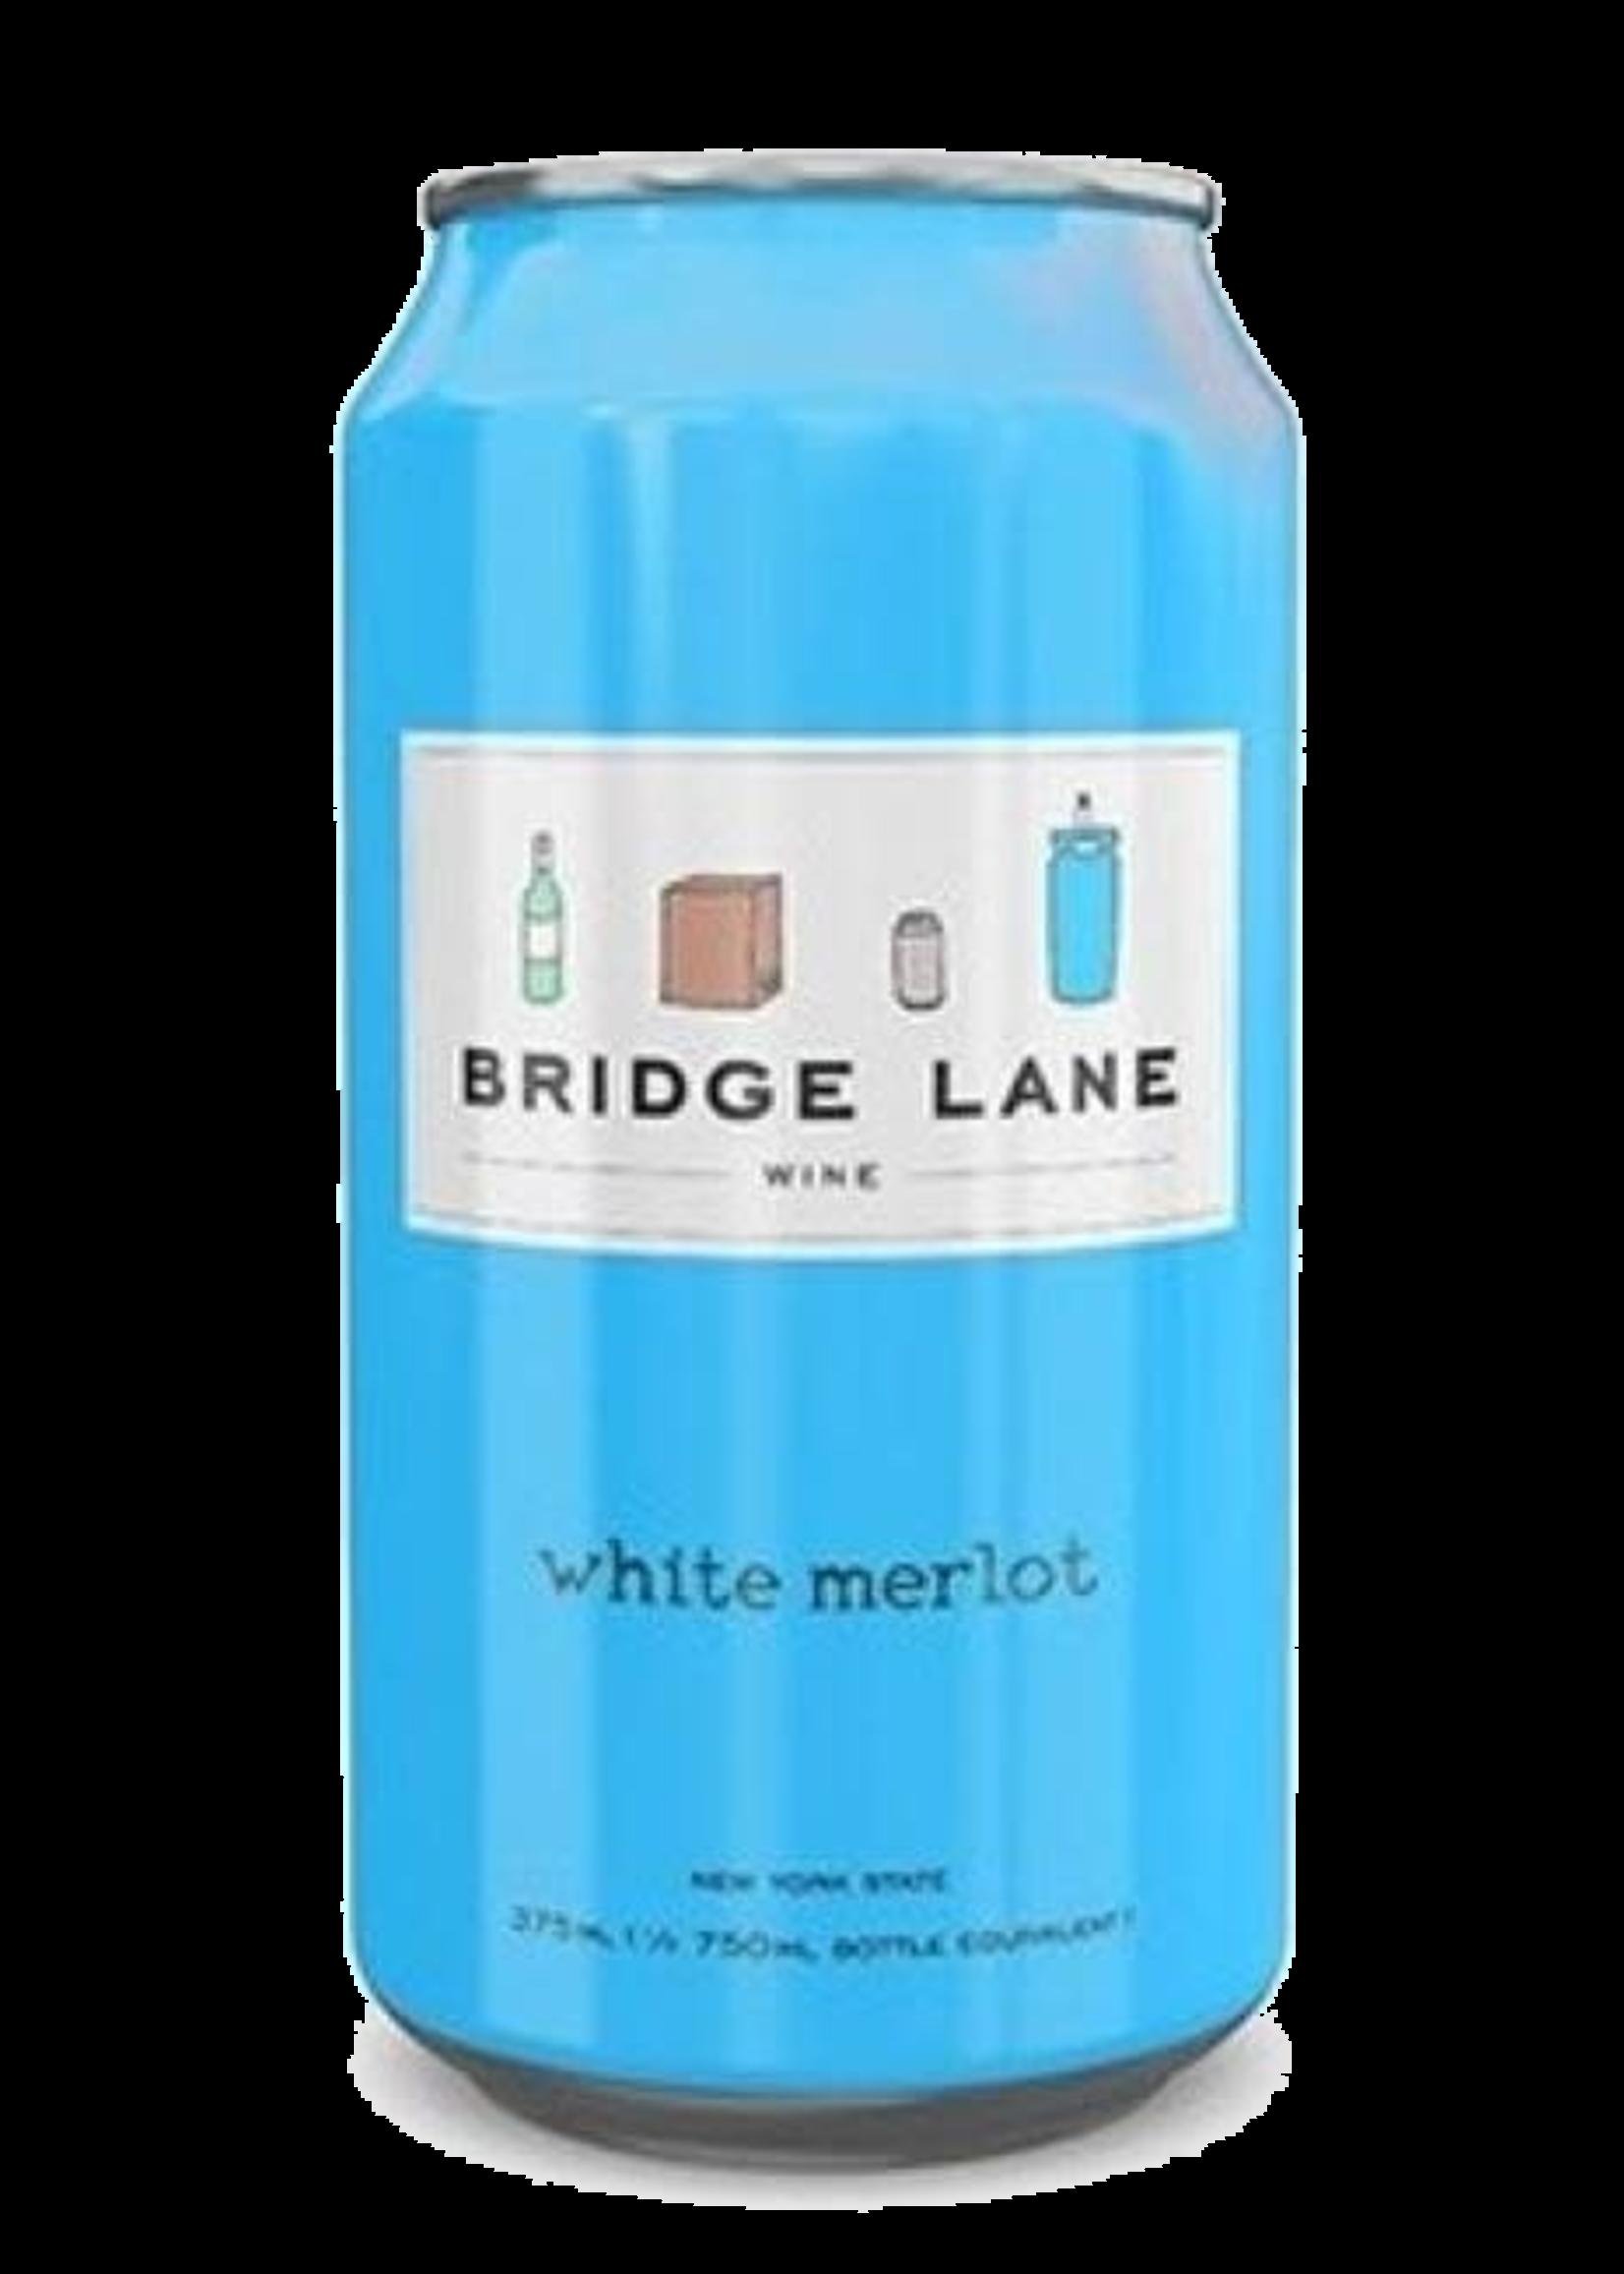 Bridge Lane Bridge Lane / White Merlot Cans / 375mL